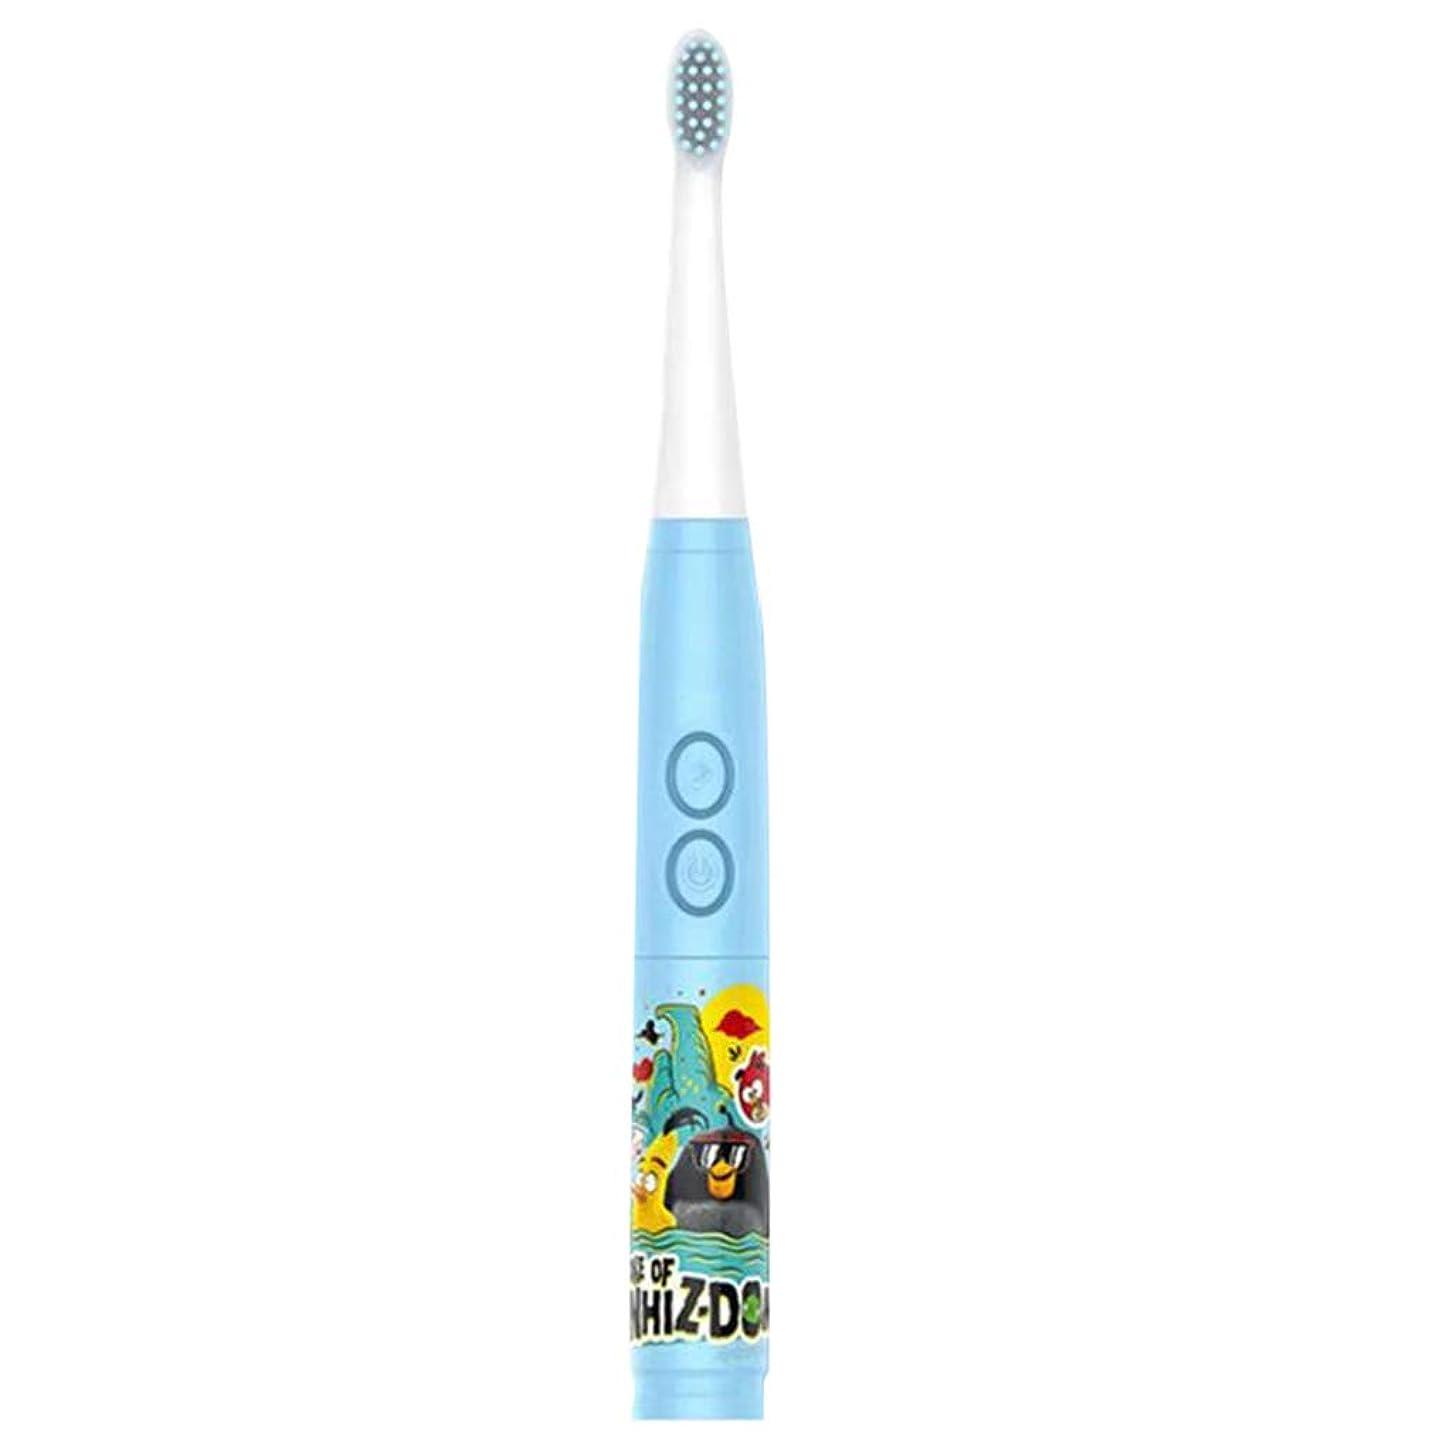 悪化させるマルコポーロ長老シンプルな子供の音楽電動歯ブラシ男の子と女の子の自動歯ブラシ3-6-12歳の柔らかい髪の赤ちゃんの歯ブラシの家 (色 : A)